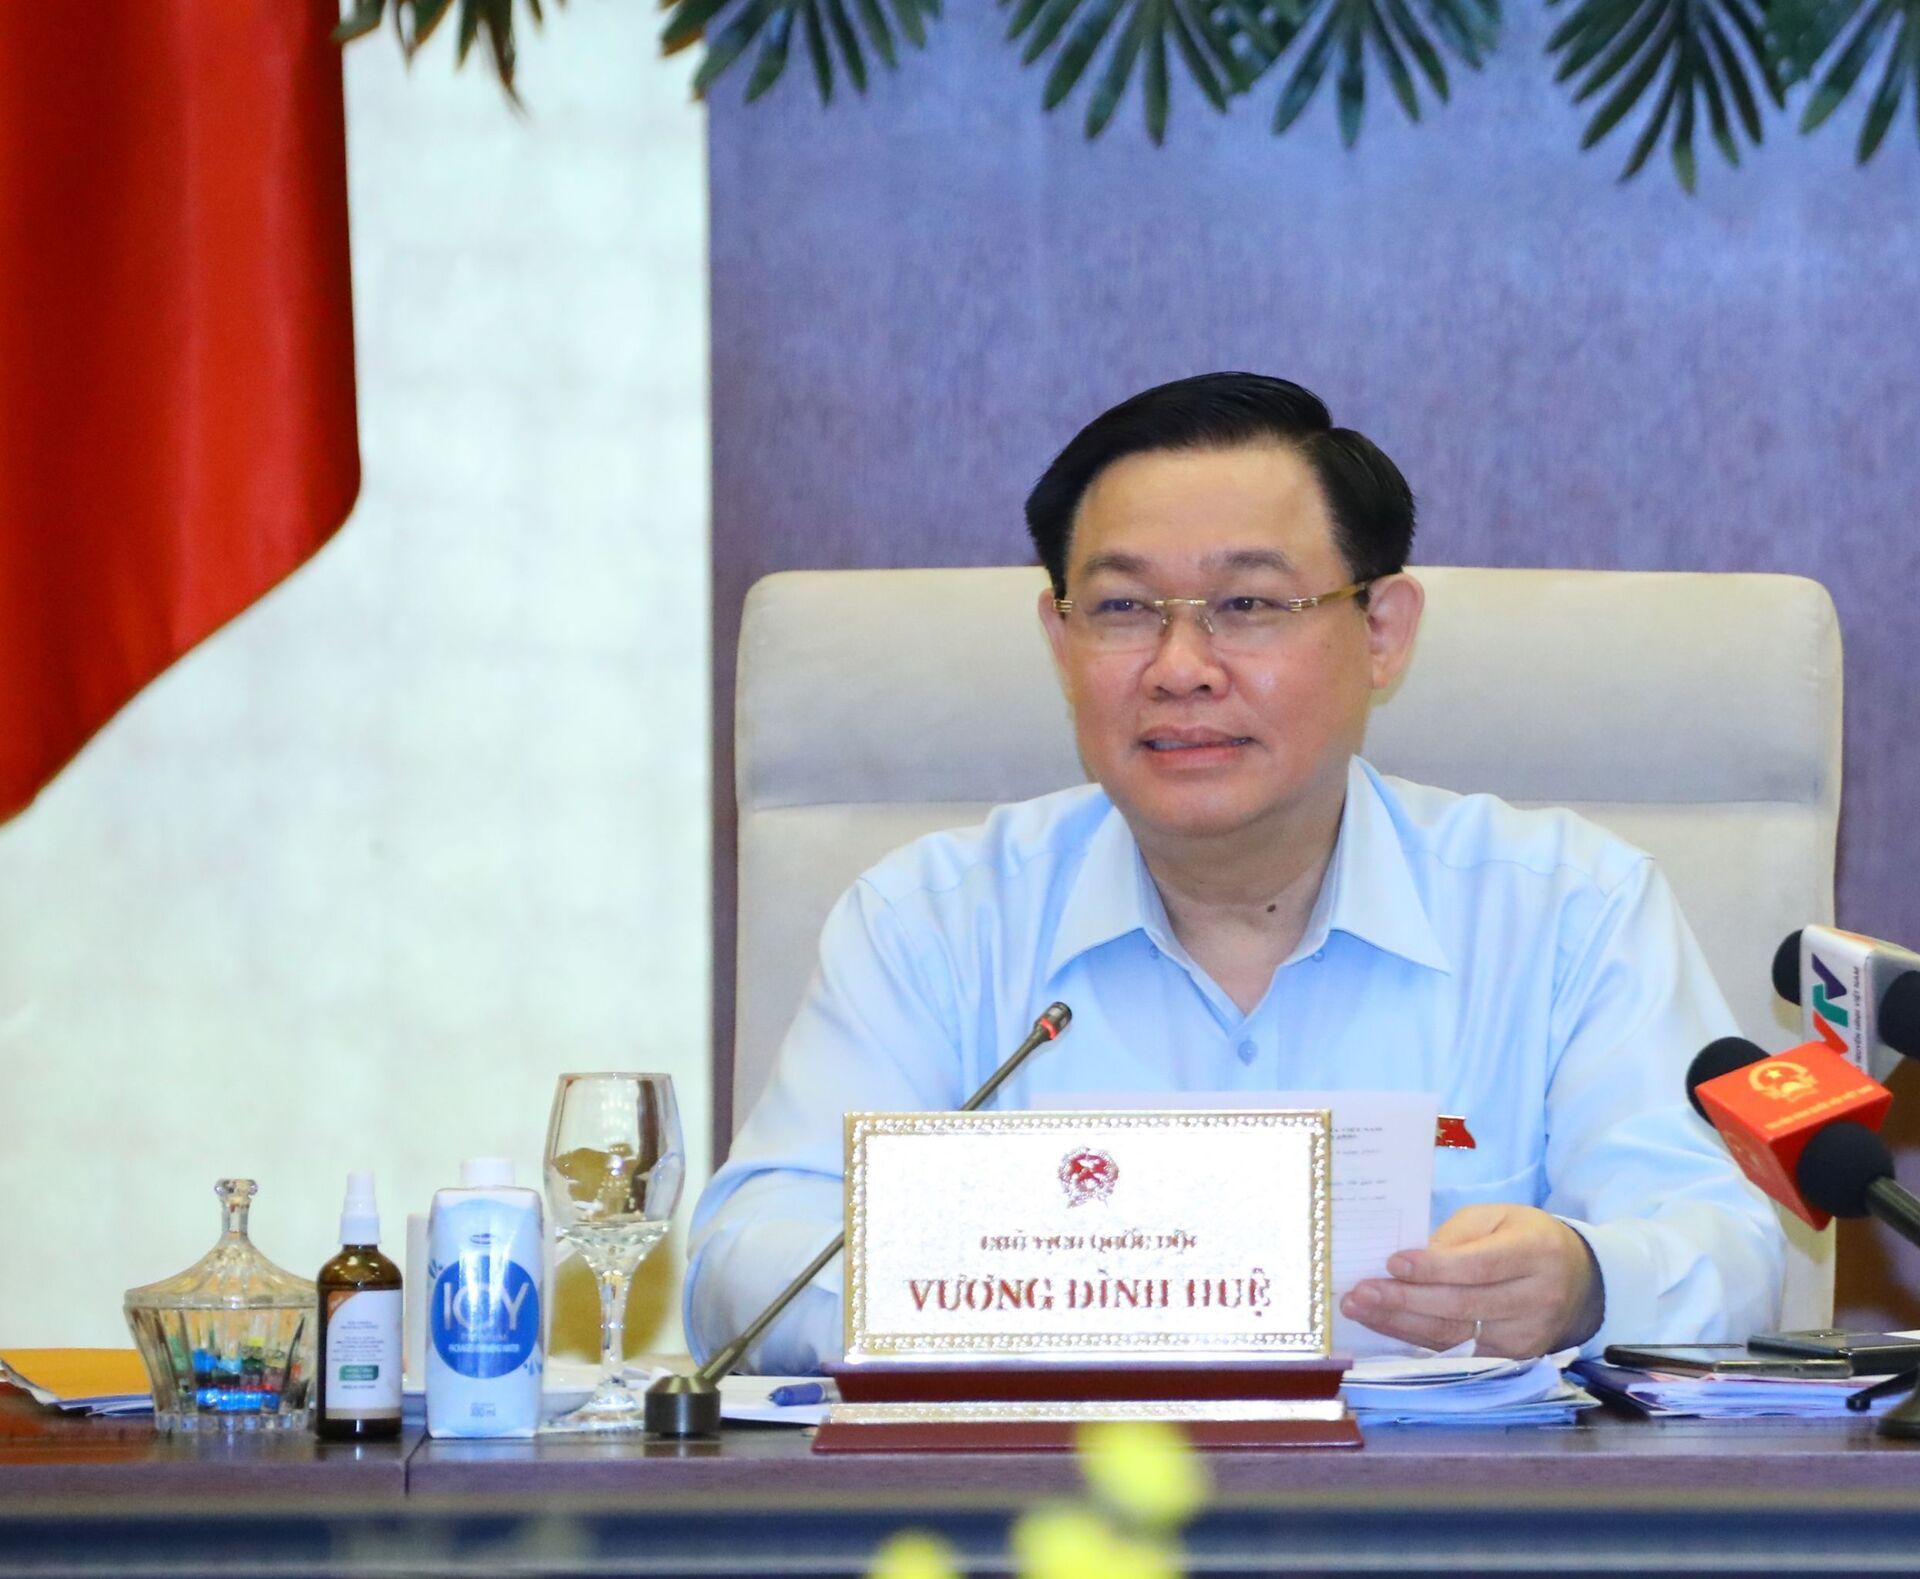 Chủ tịch Quốc hội Vương Đình Huệ phát biểu - Sputnik Việt Nam, 1920, 05.10.2021